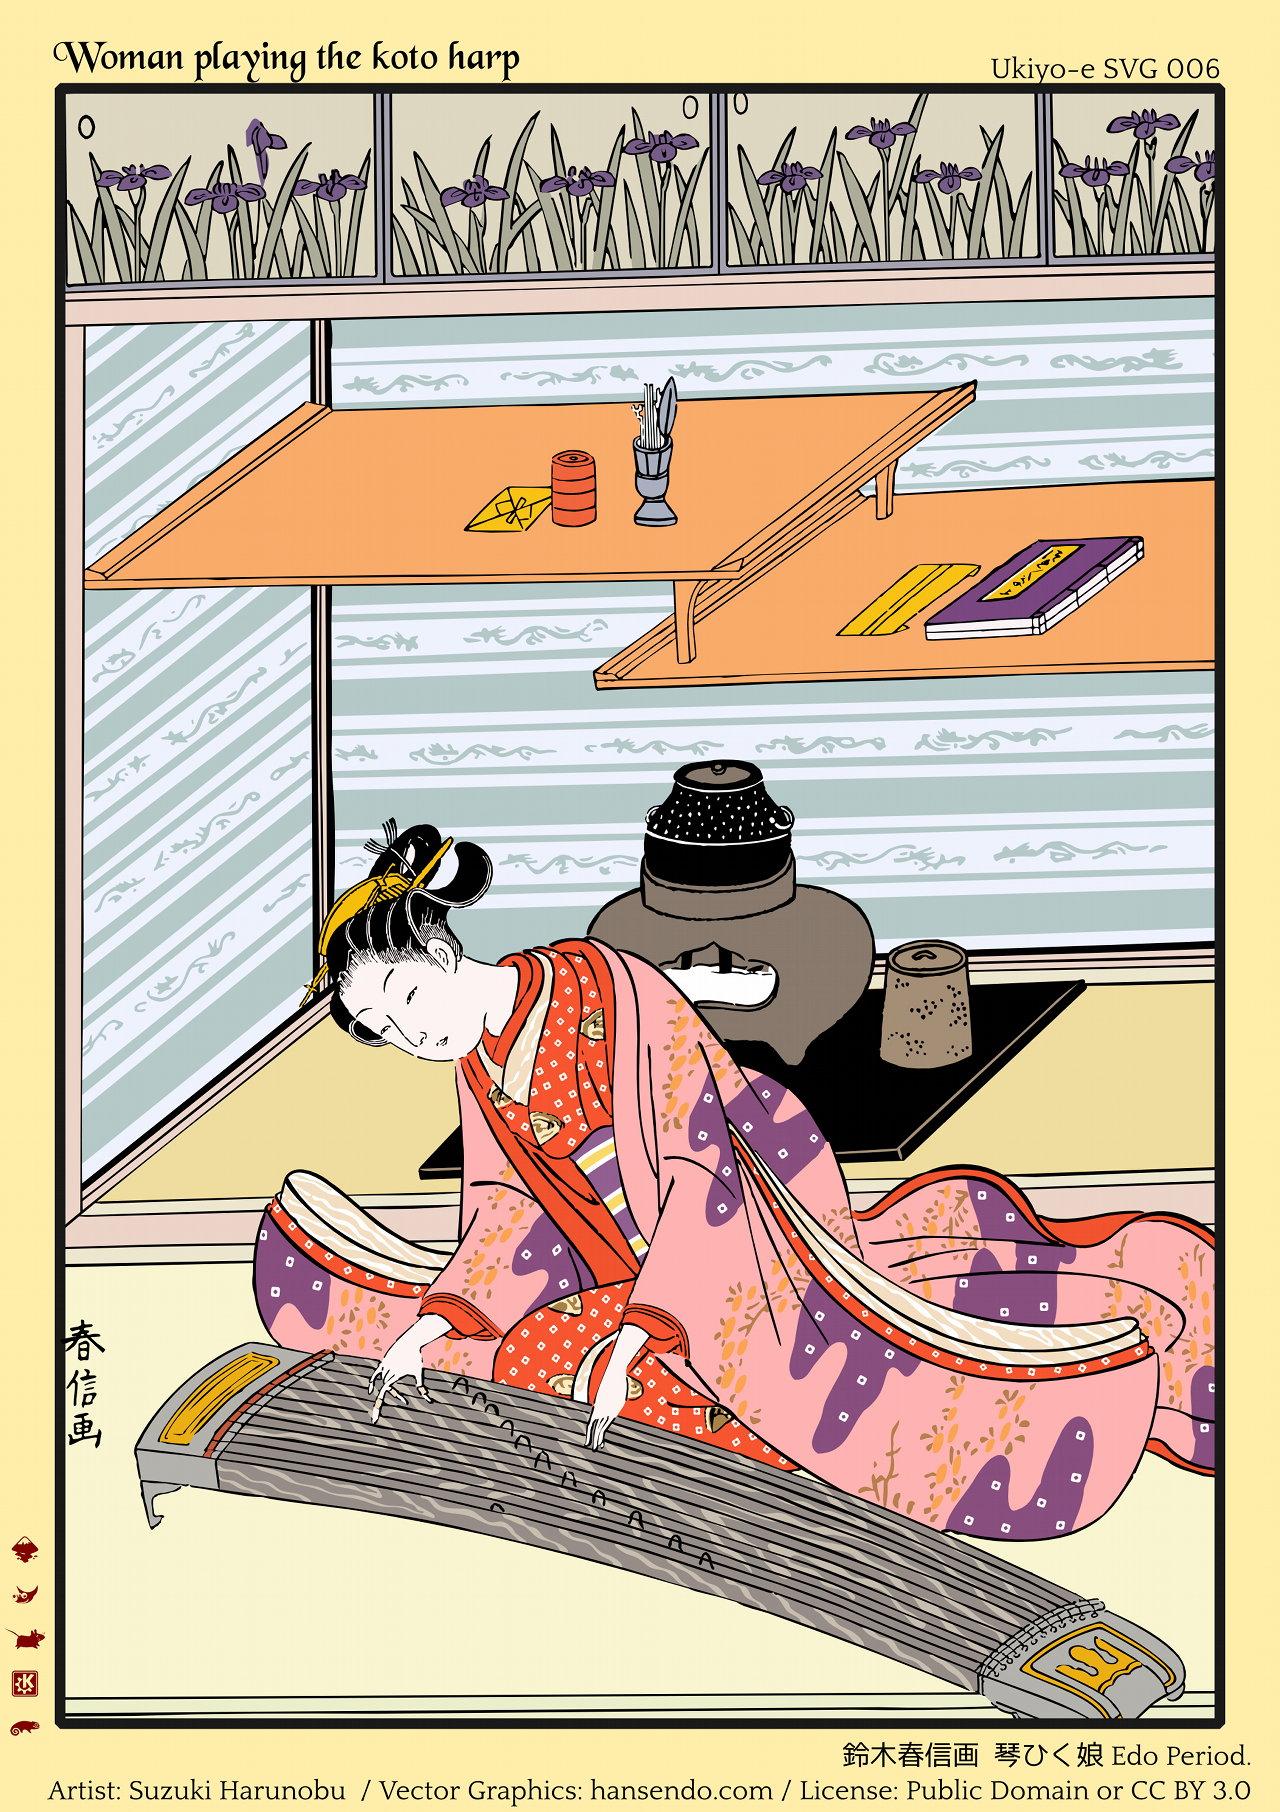 vector resources Ukiyo-e SVG No.006